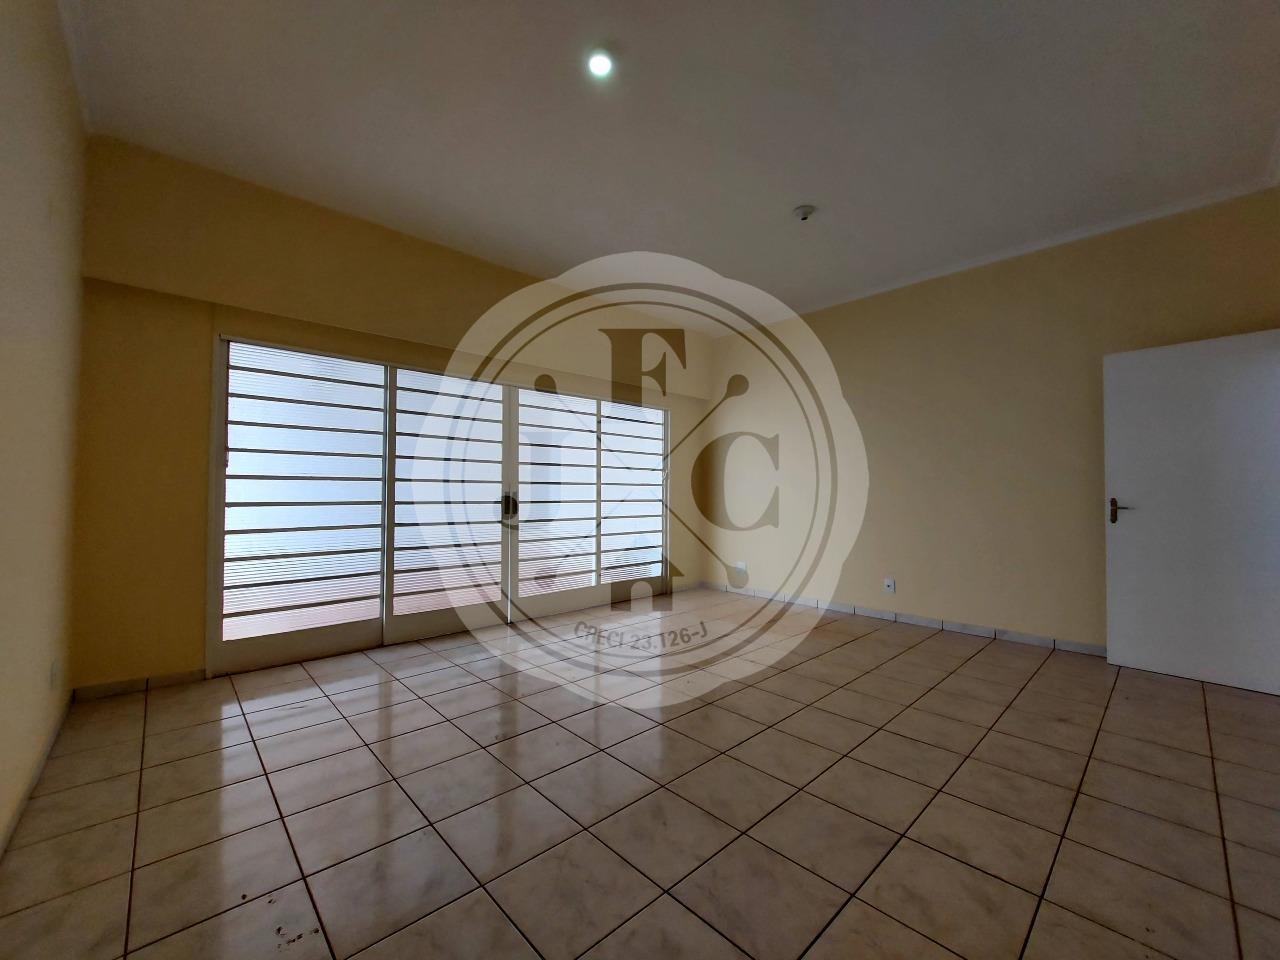 Casa para aluguel no Alto da Boa Vista: Sala 1